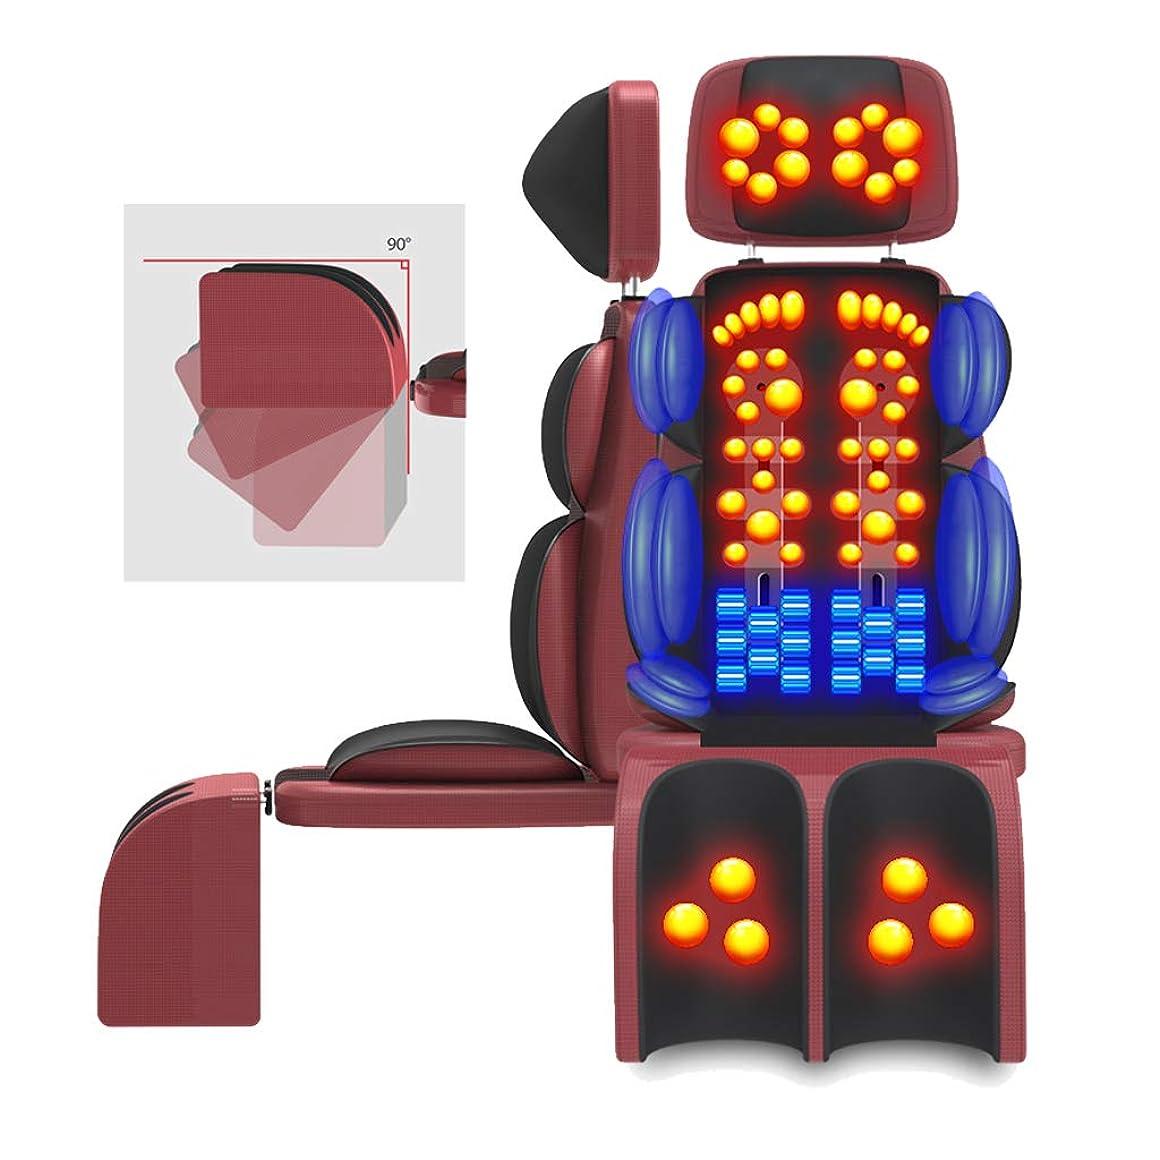 句またはペニーバックマッサージマッサージチェアシートクッションと熱と8 Dフルラップマッサージ、背中、腰、肩、脚、マッサージャー、振動調整可能ヘッドレスト、オフィス用